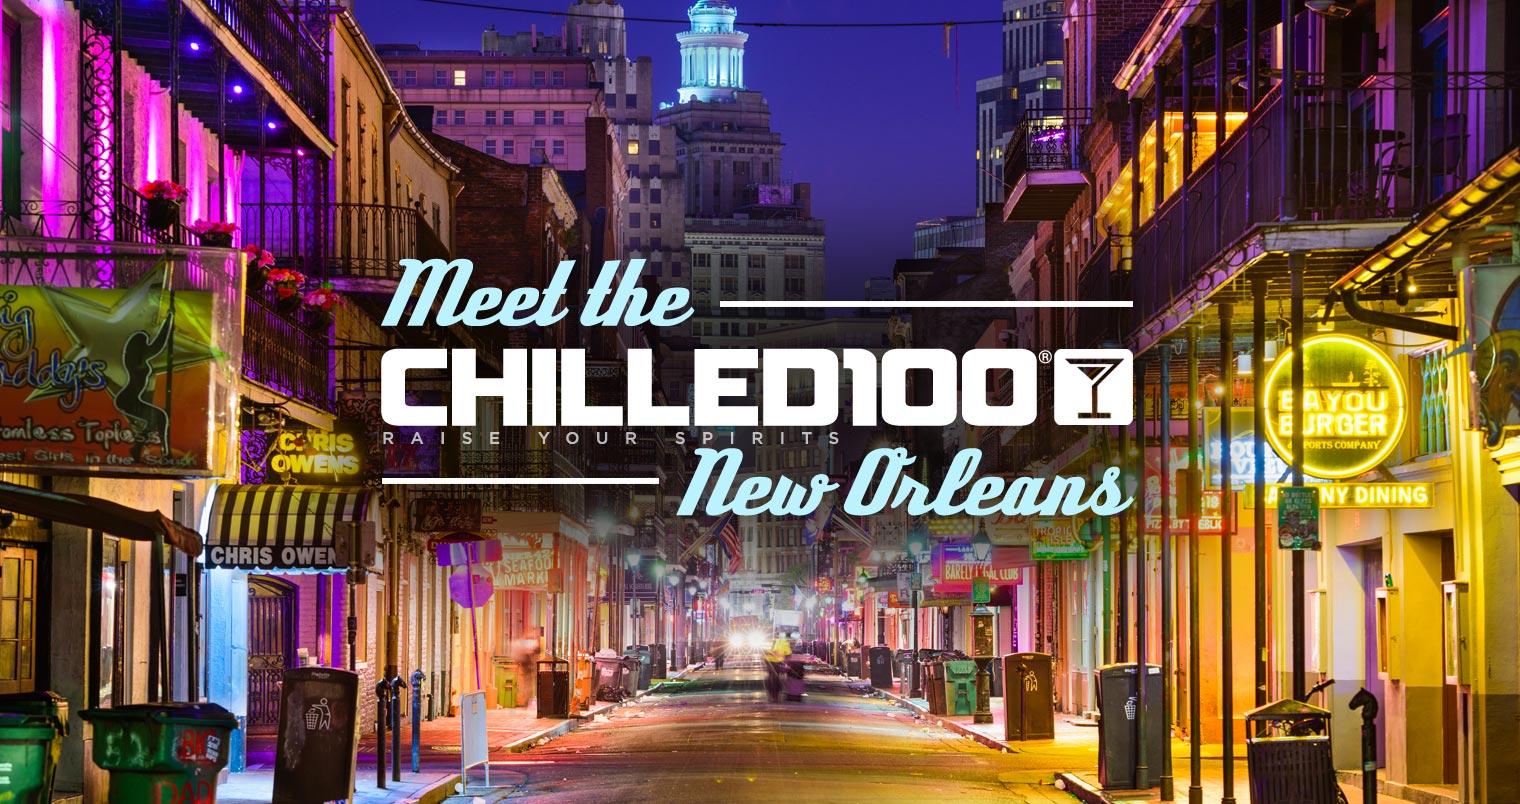 Tales Restaurant Week New Orleans